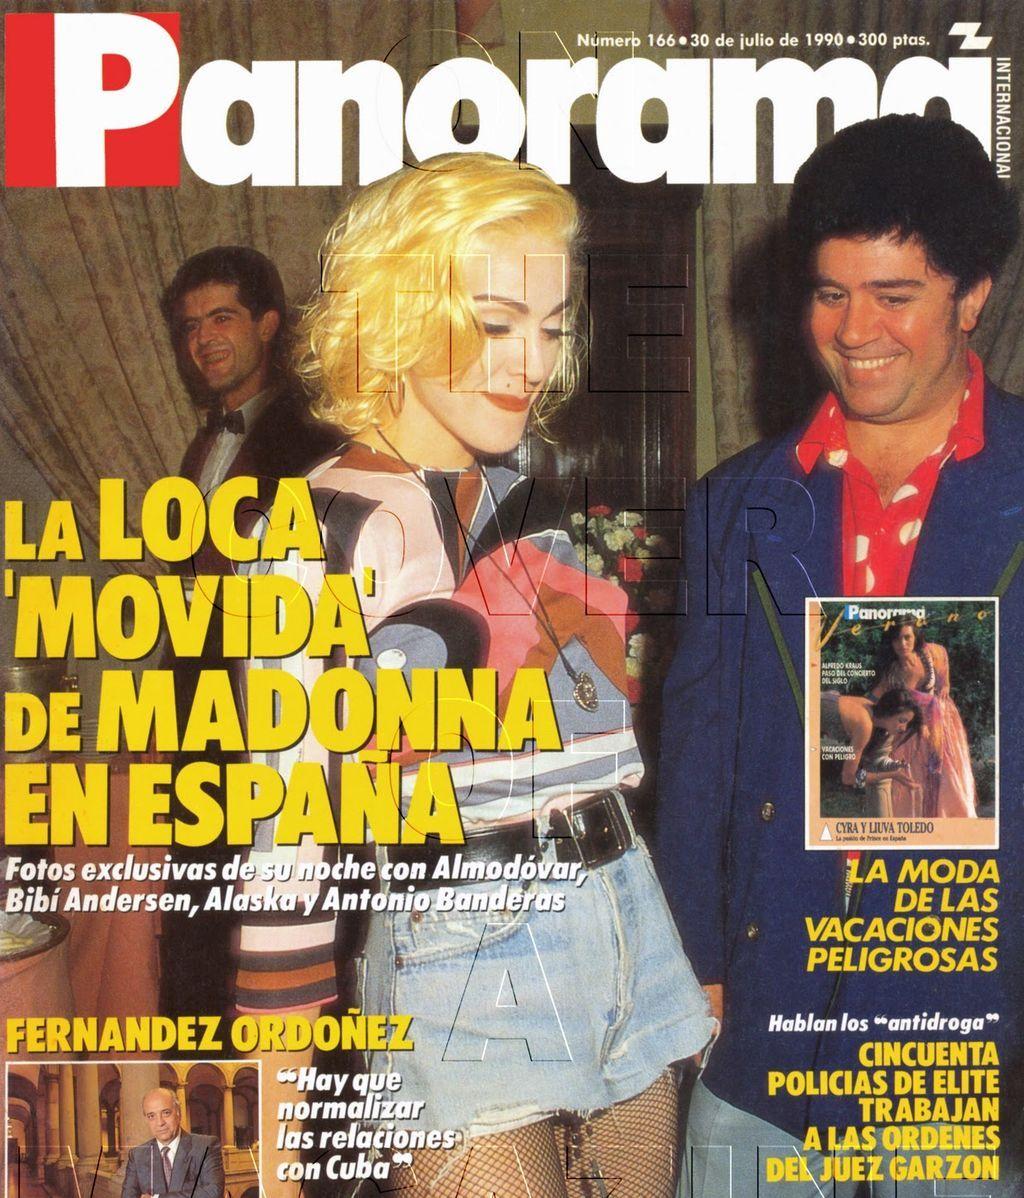 Panorama Spain July 30 1990 Juan Jose Gonzalez copy